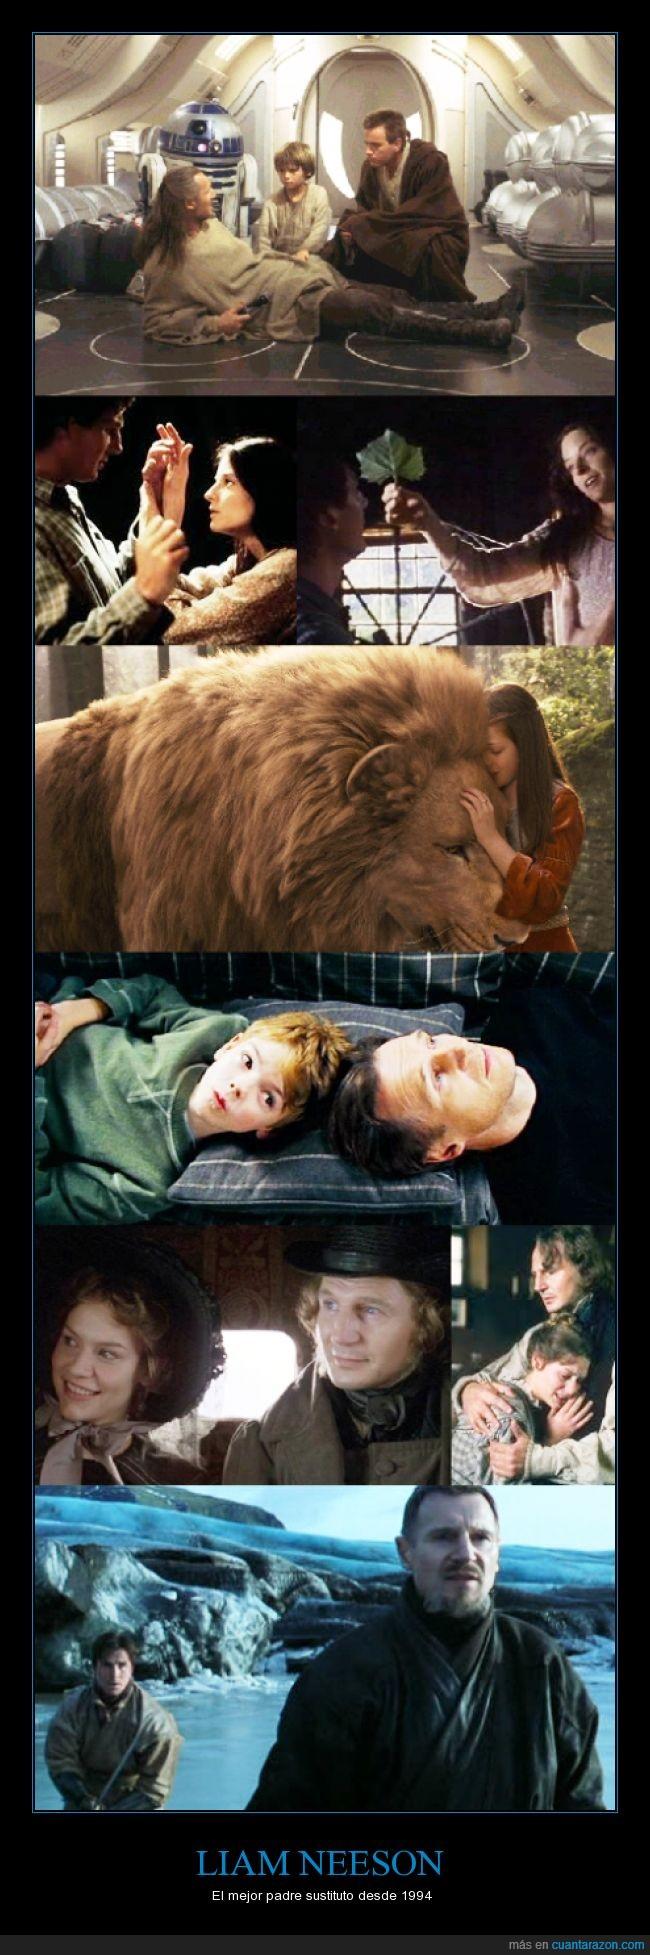 Aslan,Batman,cine,La amenaza fantasma,Las Crónicas de Narnia,Liam Neeson,Los miserables,Love actually,Nell,Star Wars Episodio I,sustituto